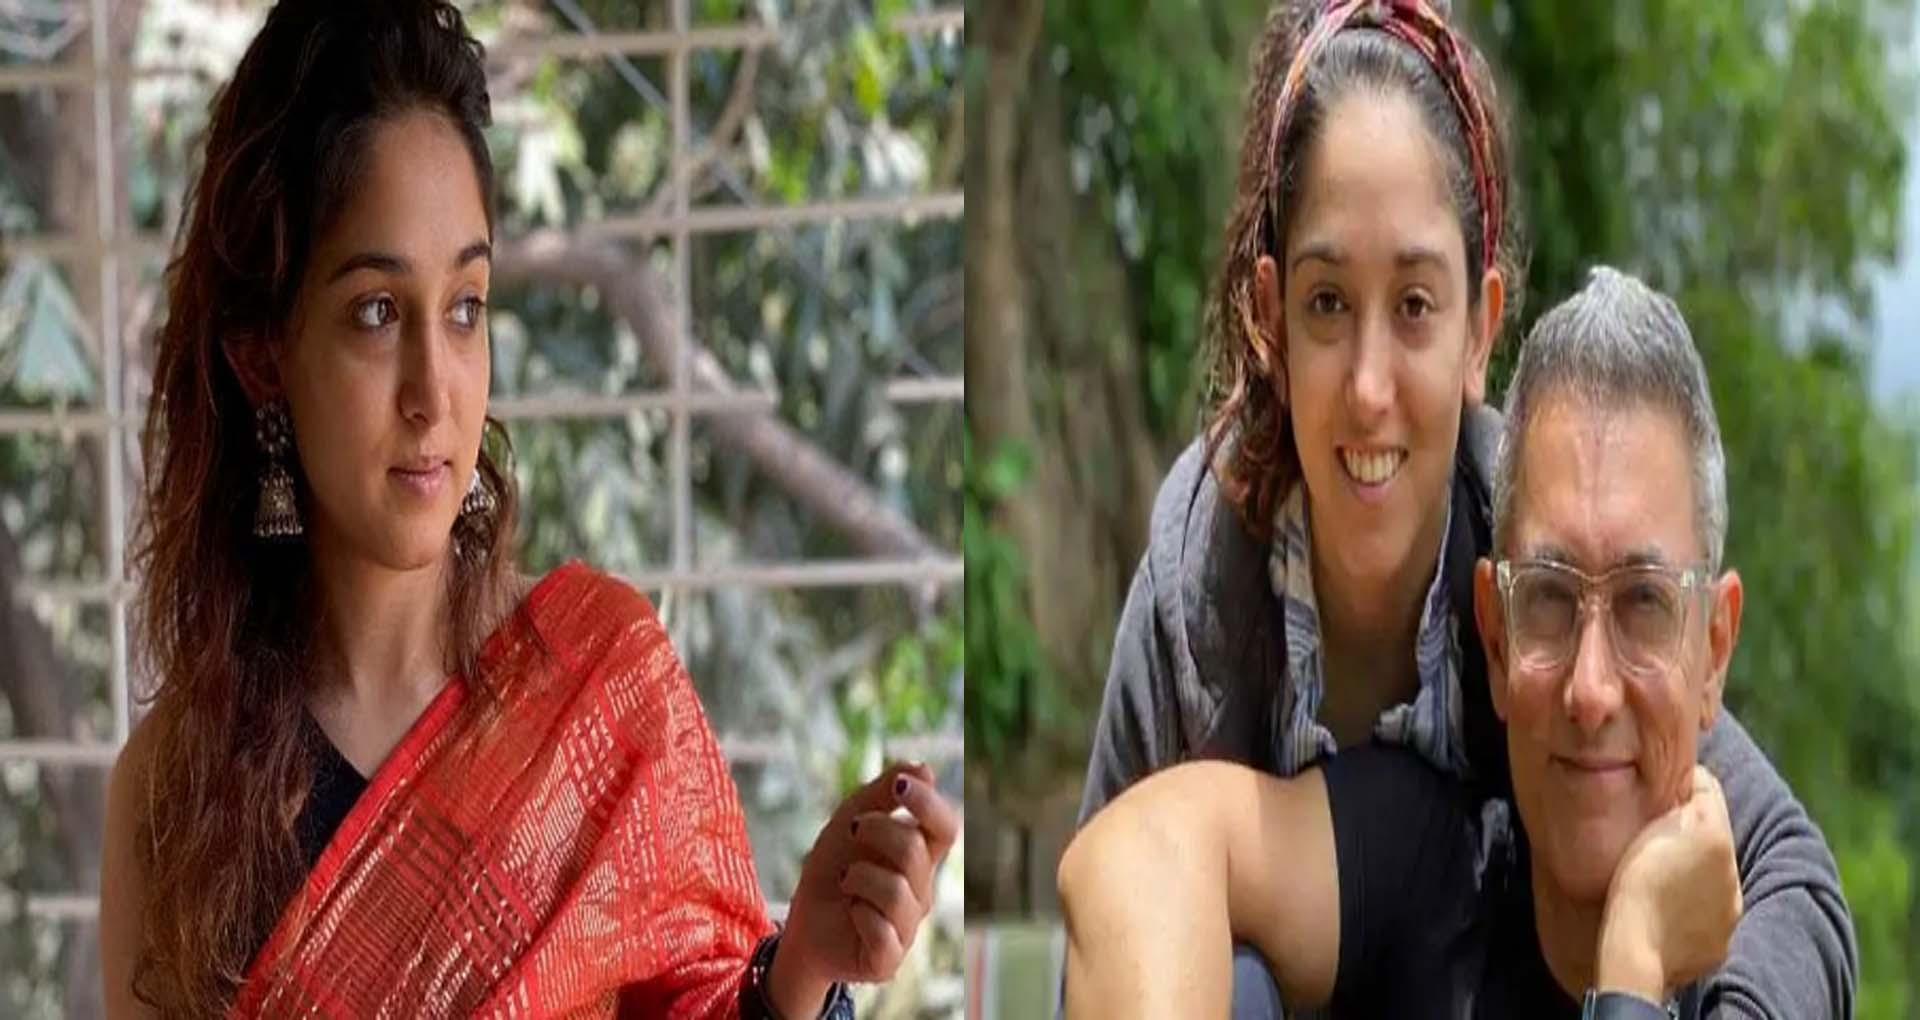 आमिर खान की बेटी इरा ख़ान ने बताई पूरी कहानी, '14 साल की उम्र हुआ था शारीरिक शोषण'